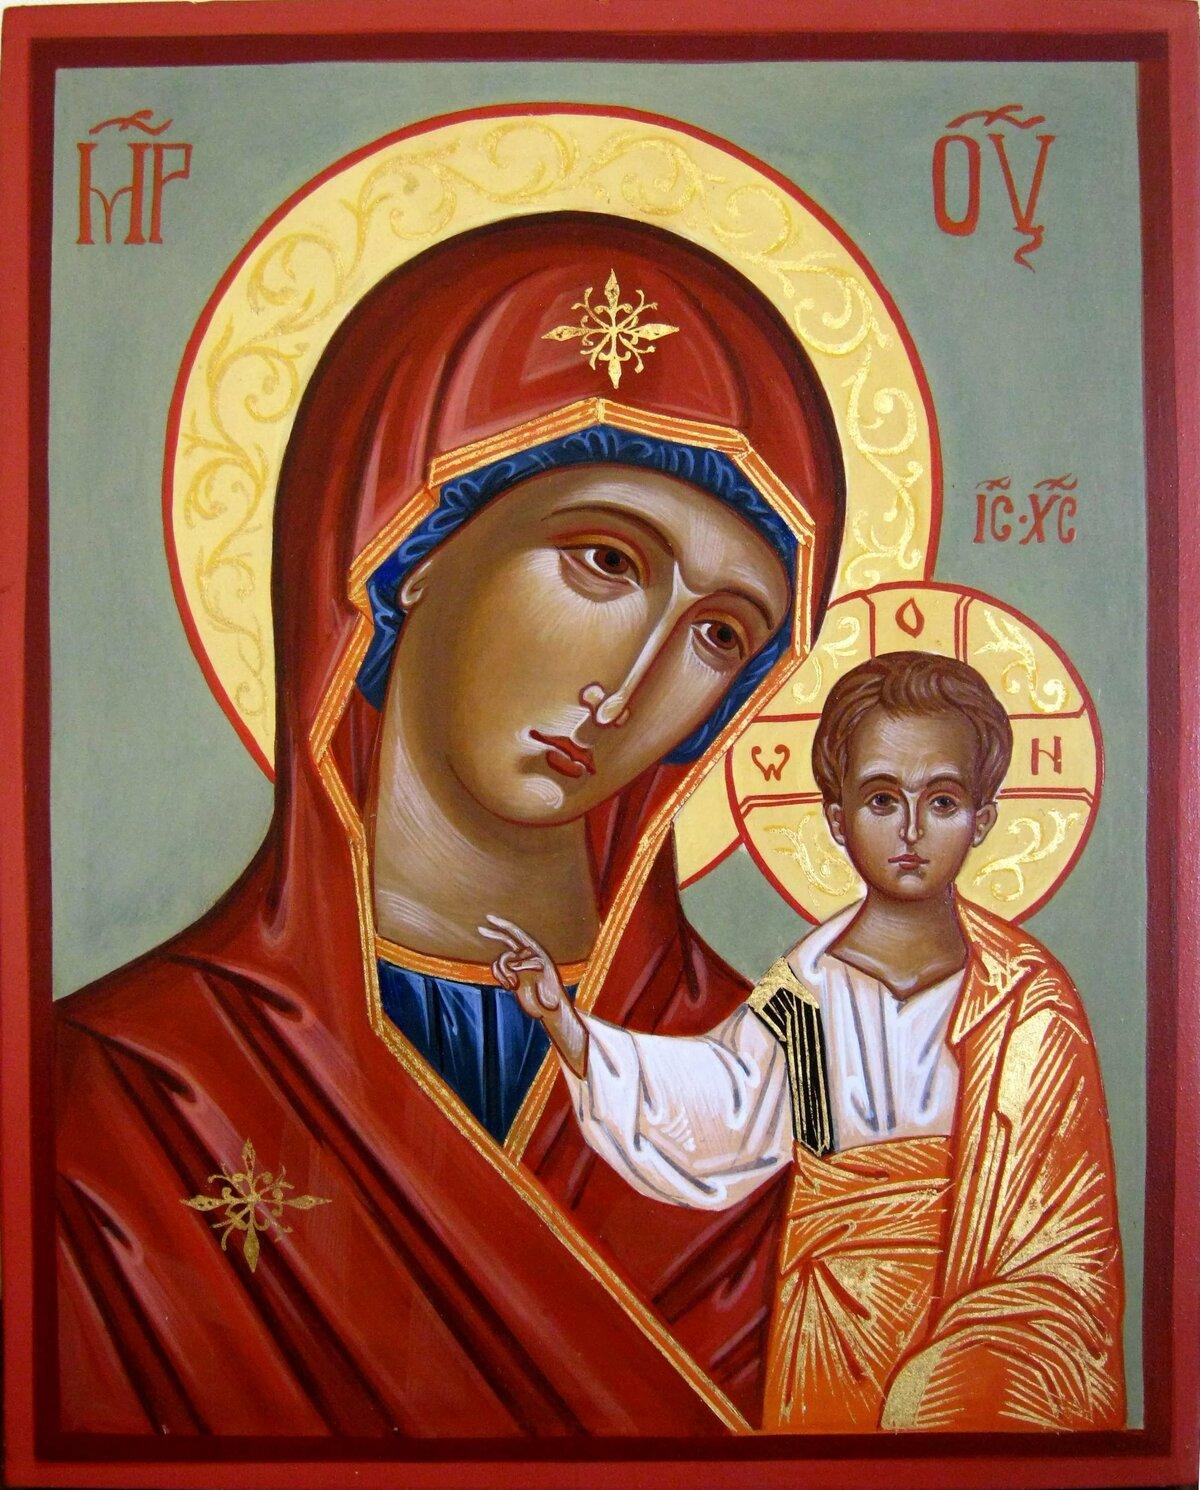 Картинки иконы святых с названиями и фото, днем рождения для